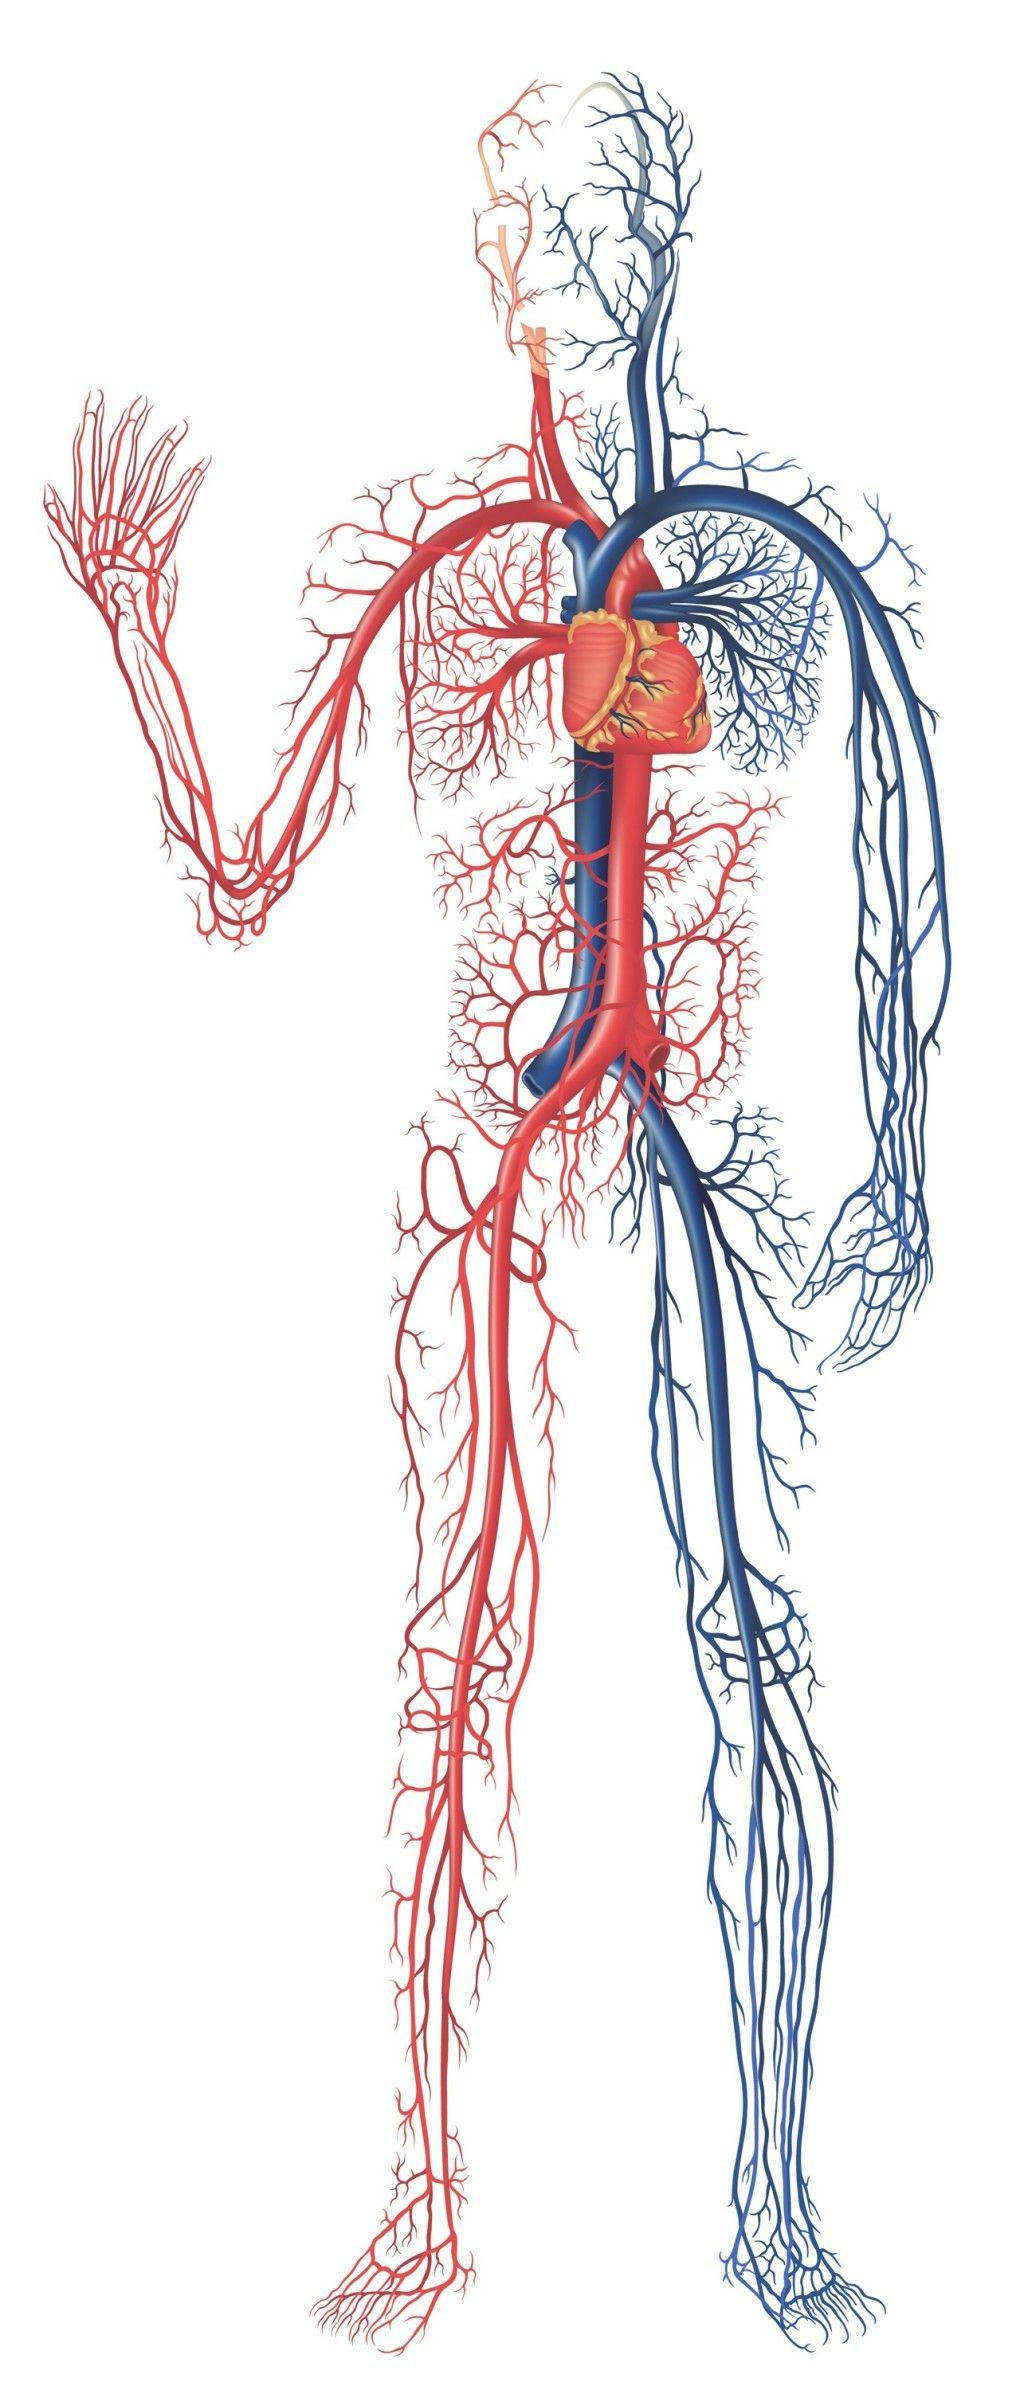 The Cardiovascular System | Sistema circulatorio, Corazón humano y ...